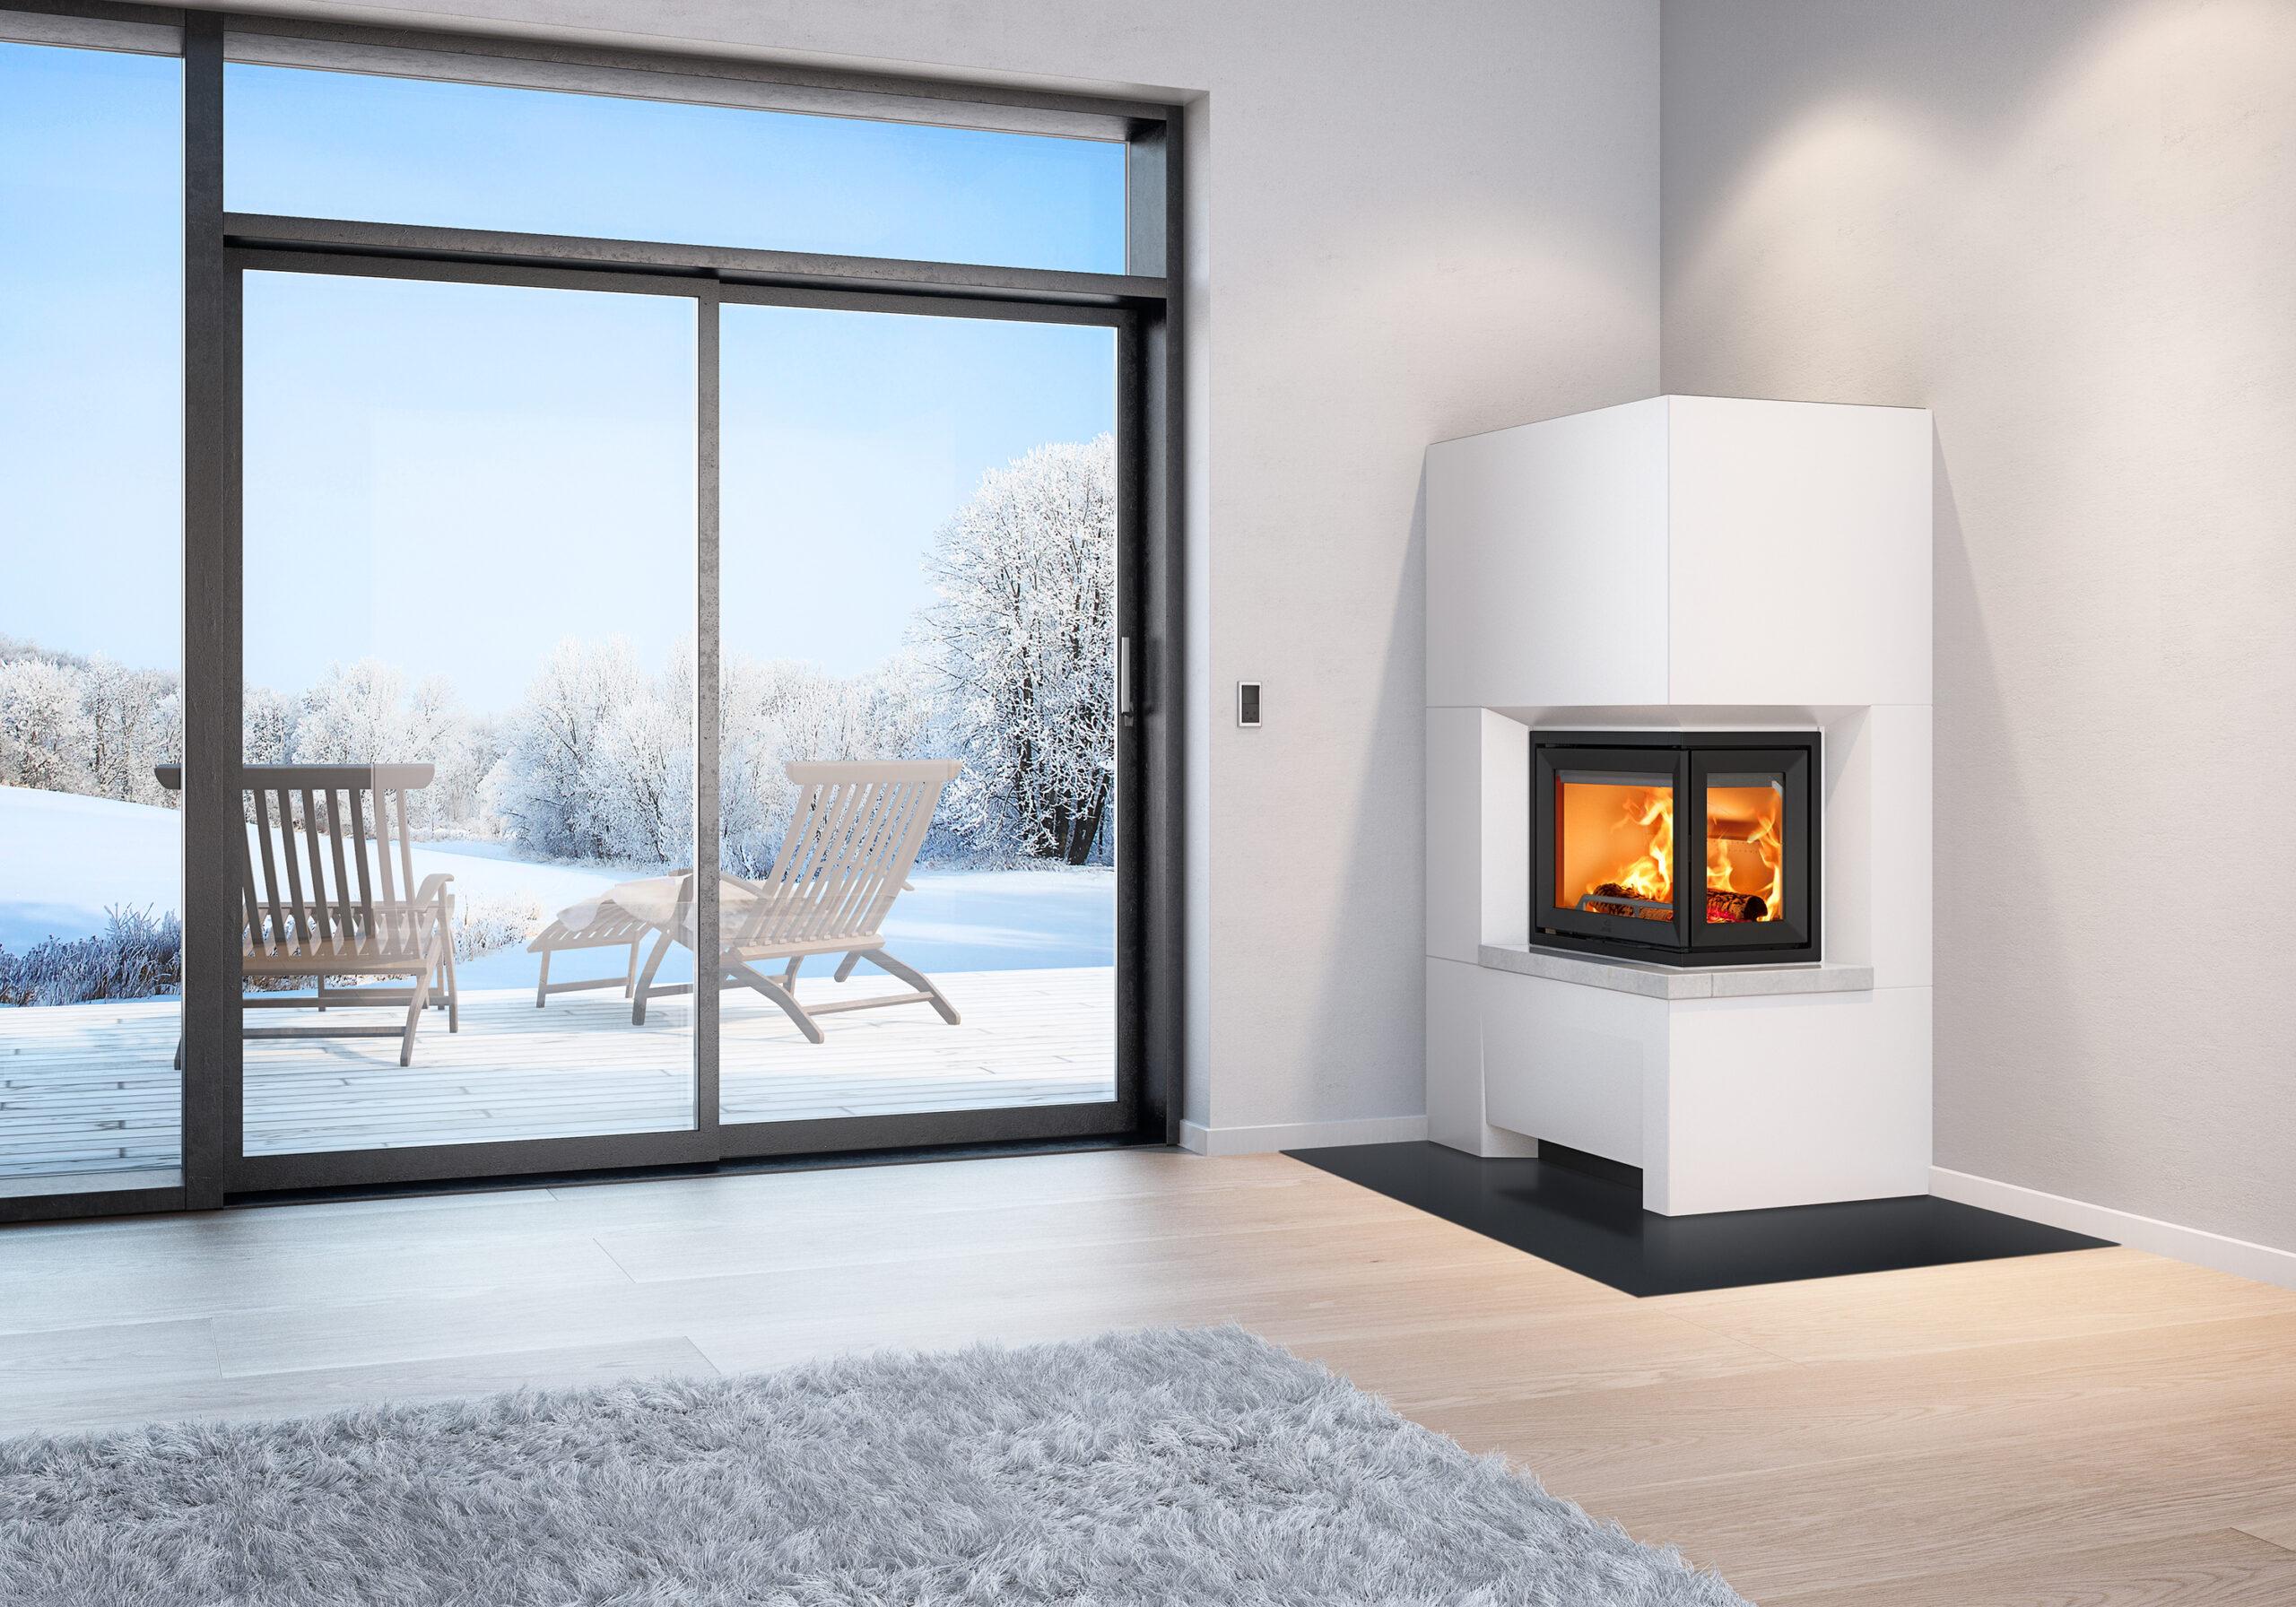 Quale sistema di riscaldamento è il migliore?